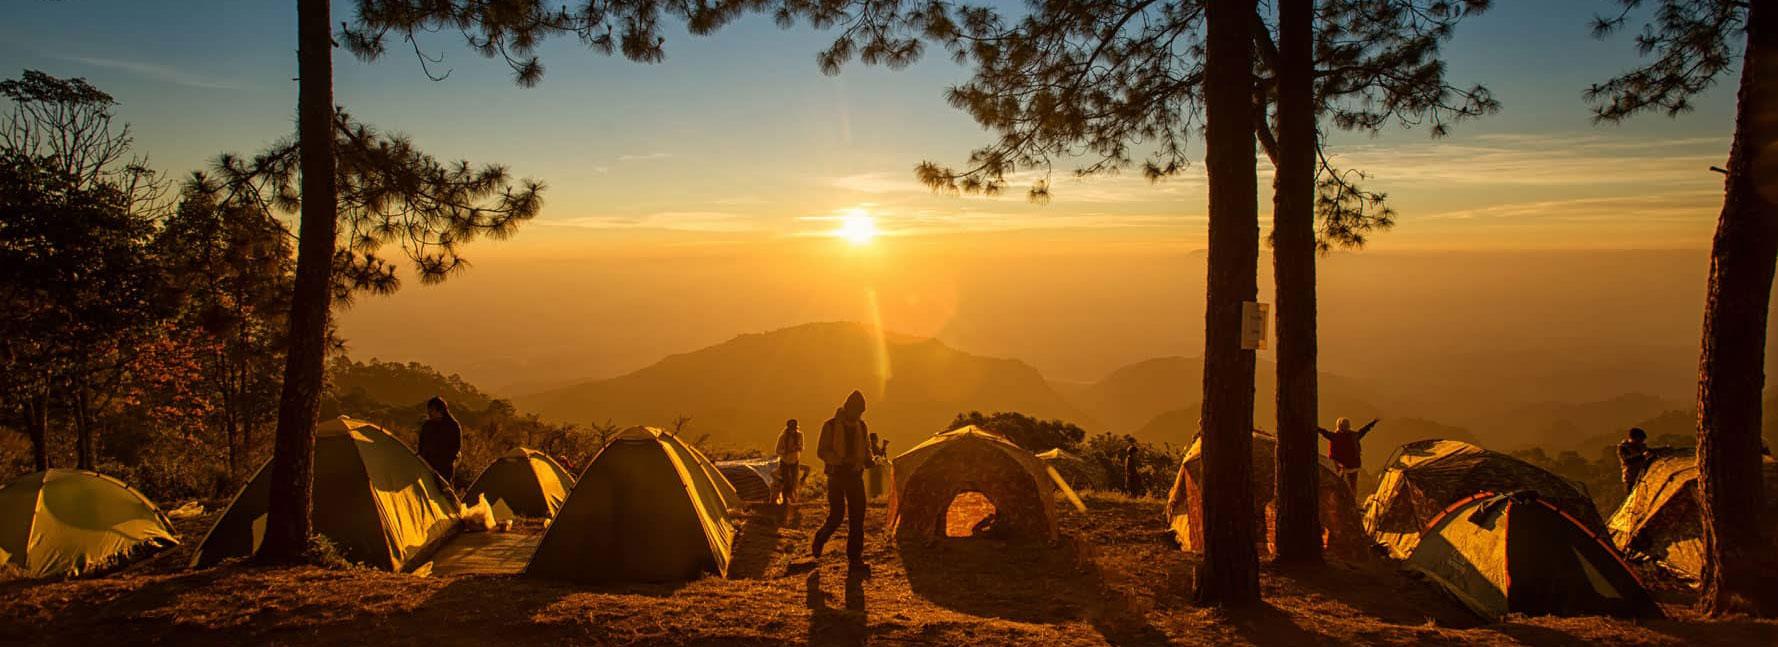 キャンプ用品のレンタル